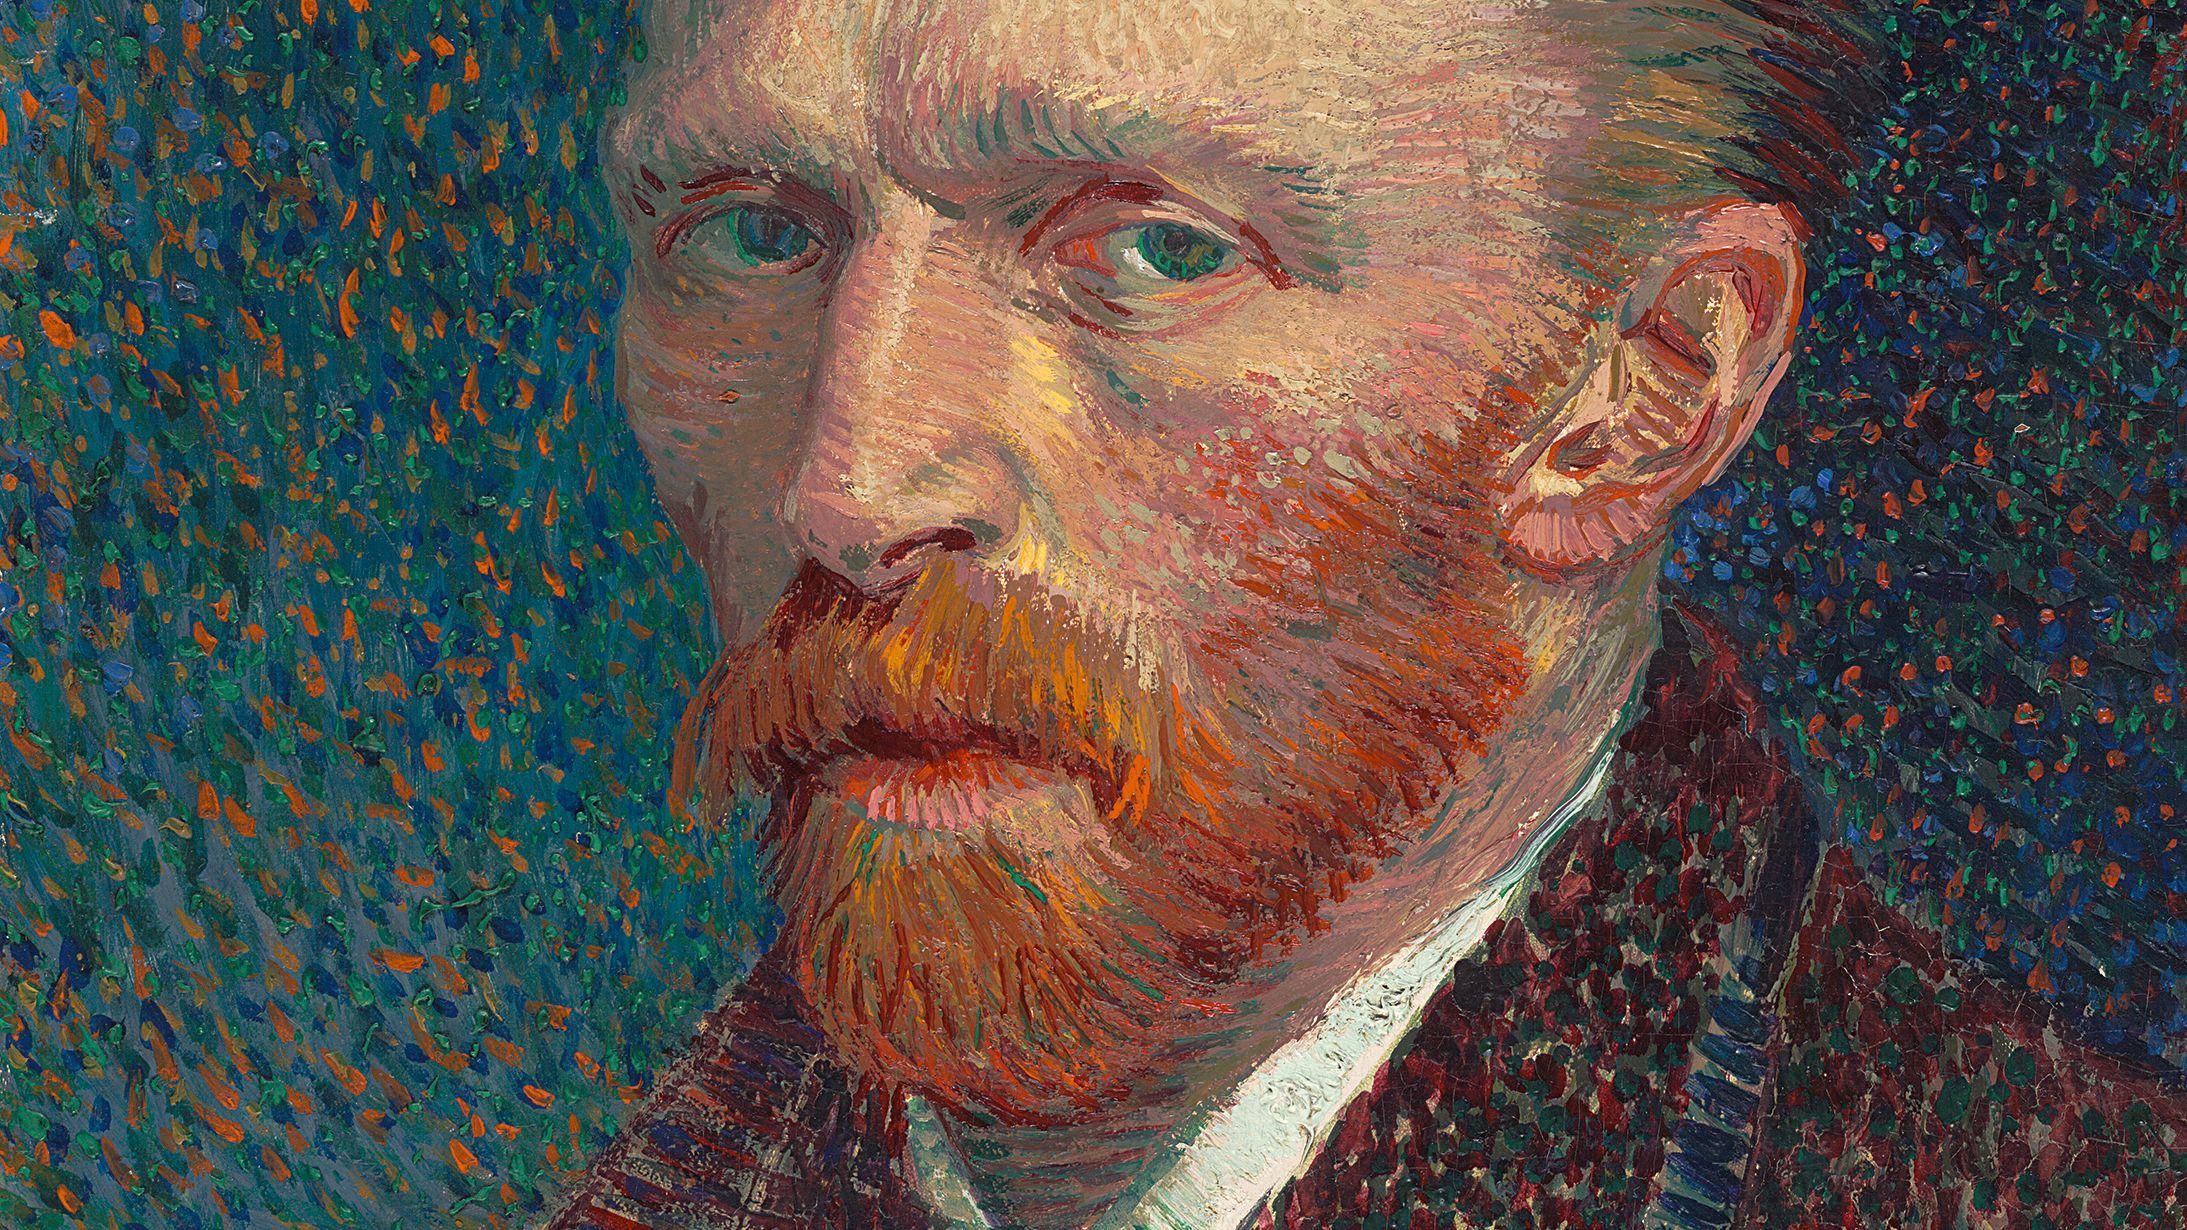 Selbstporträt von Vincent van Gogh (1887), in strichigem Malstil und in kräftigen Farben gemalt